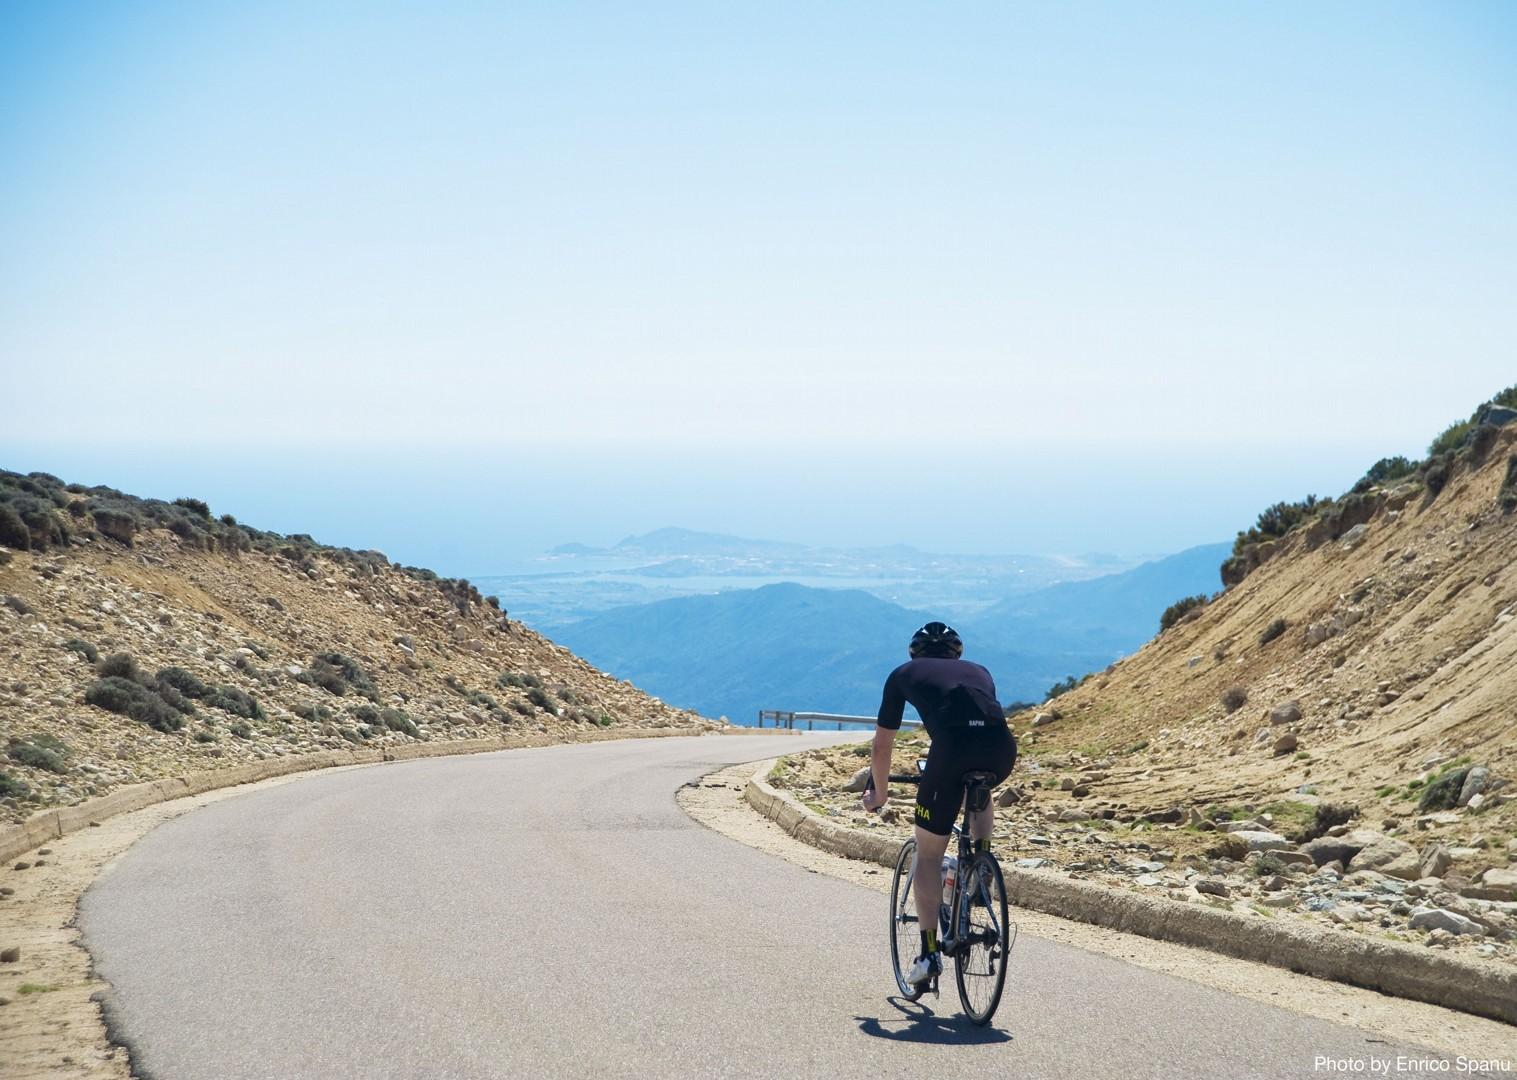 Guided-Road-Cycling-Holiday-Sardinia-Sardinian-Mountains-Tacchi-dOgliastra.jpg - Italy - Sardinia - Mountain Explorer - Guided Road Cycling Holiday - Italia Road Cycling